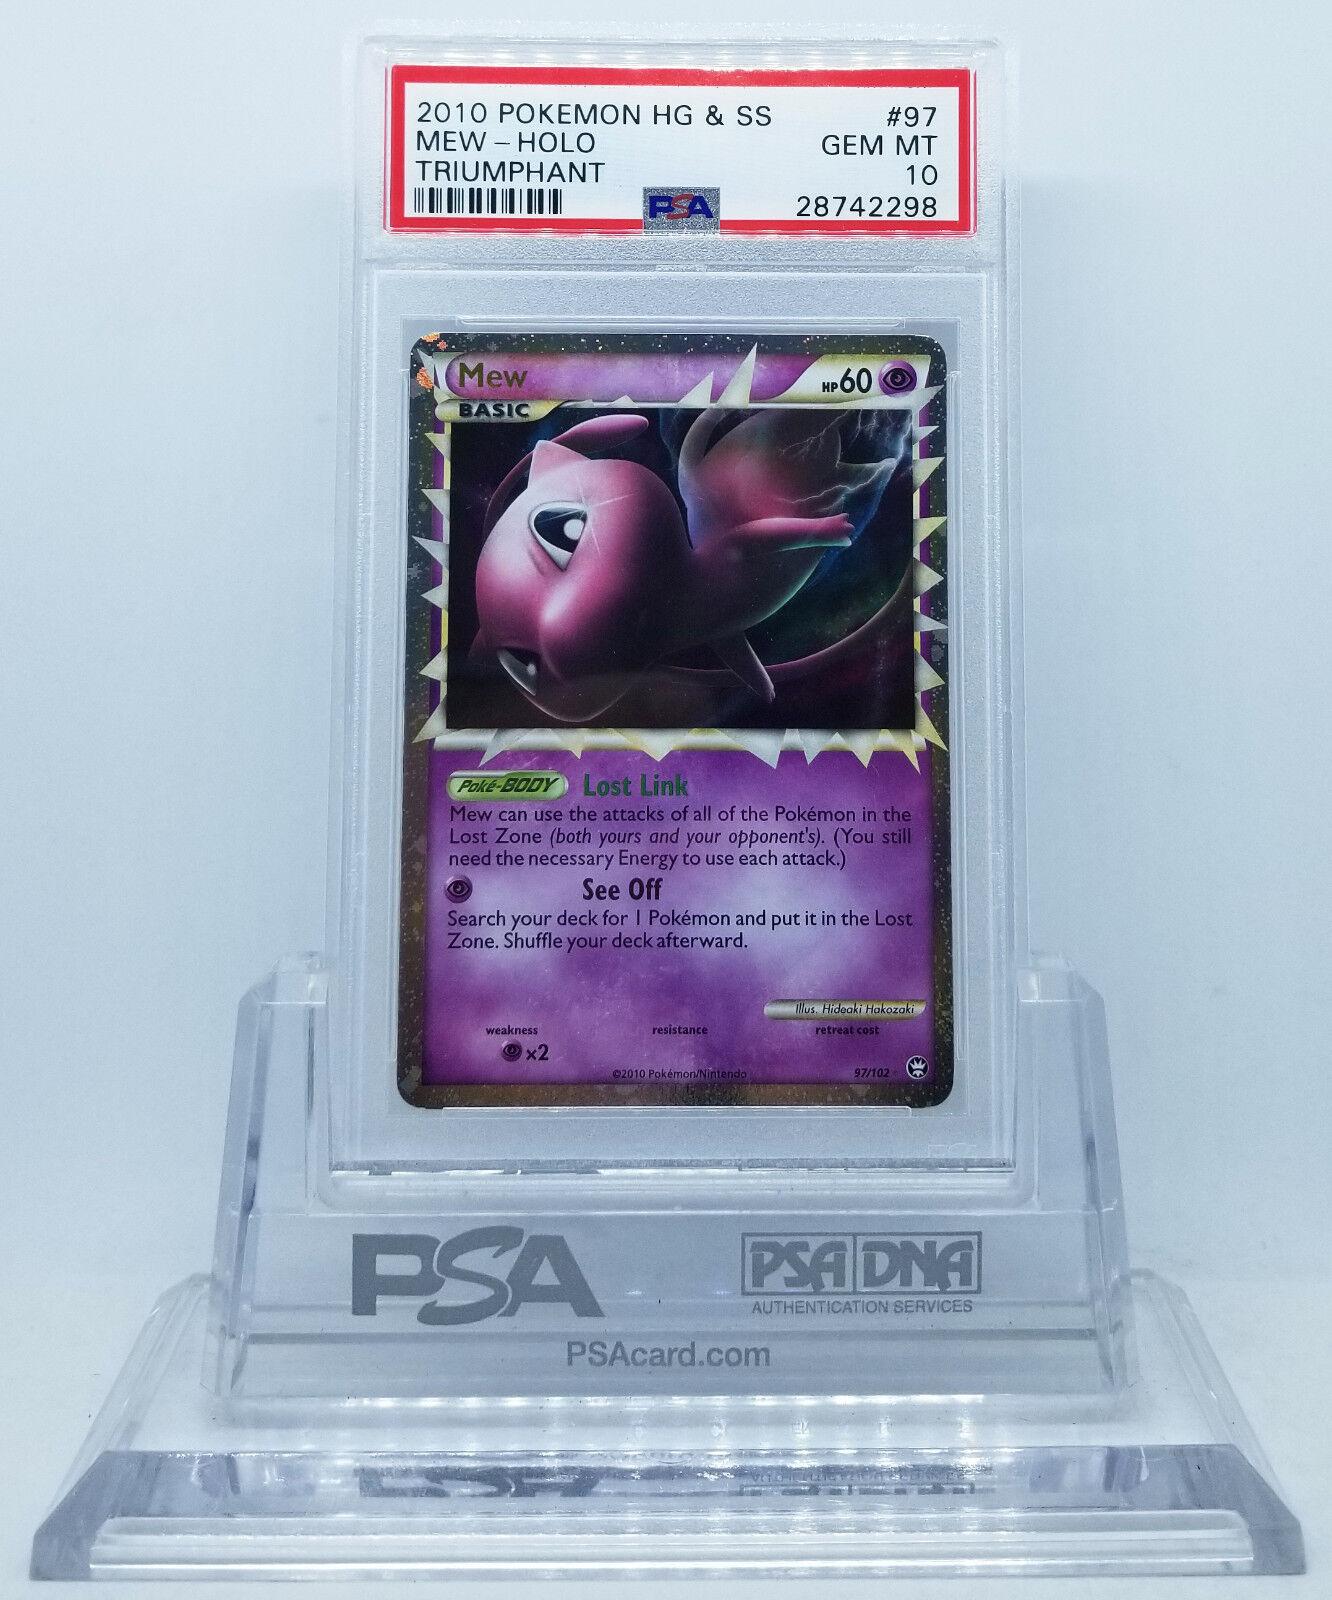 Pokemon HGSS HGSS HGSS TRIUMPHANT MEW PRIME 97 102 HOLO FOIL CARD PSA 10 GEM MINT   41b432